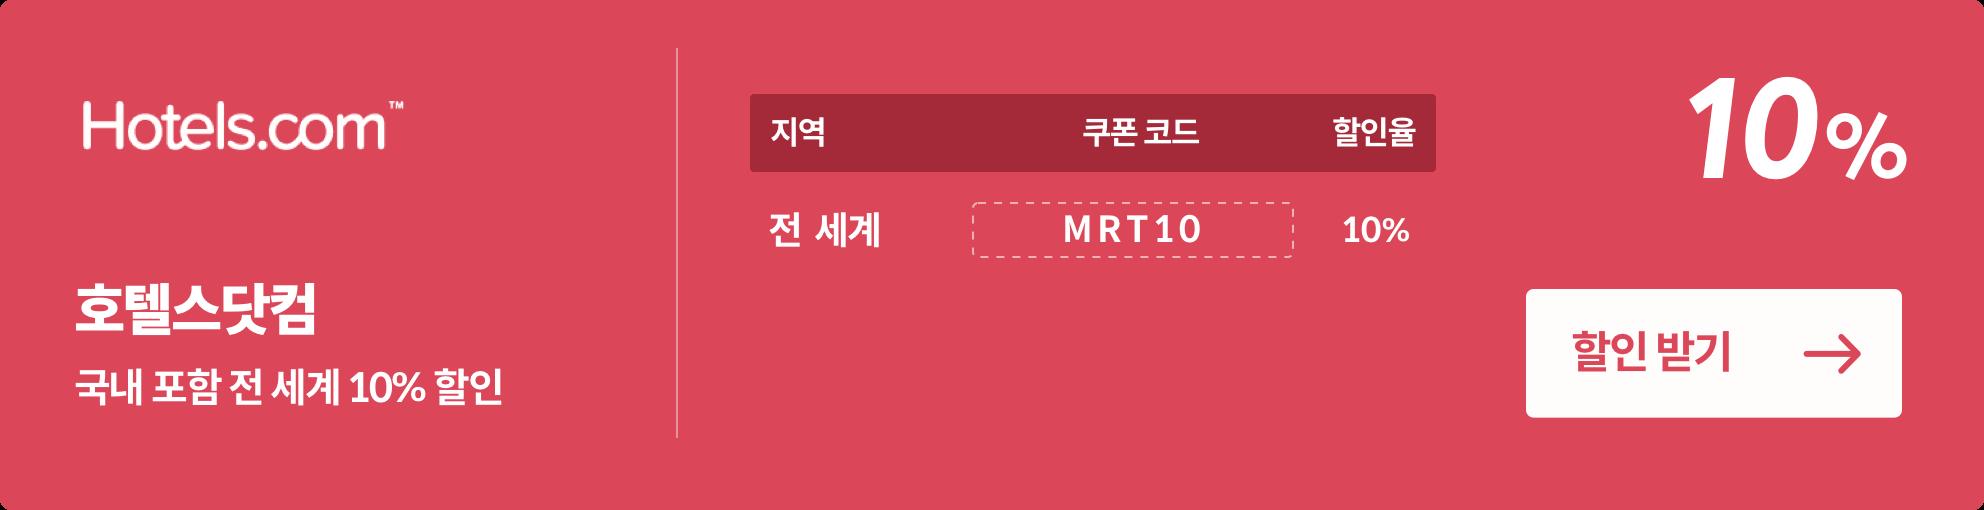 호텔스닷컴